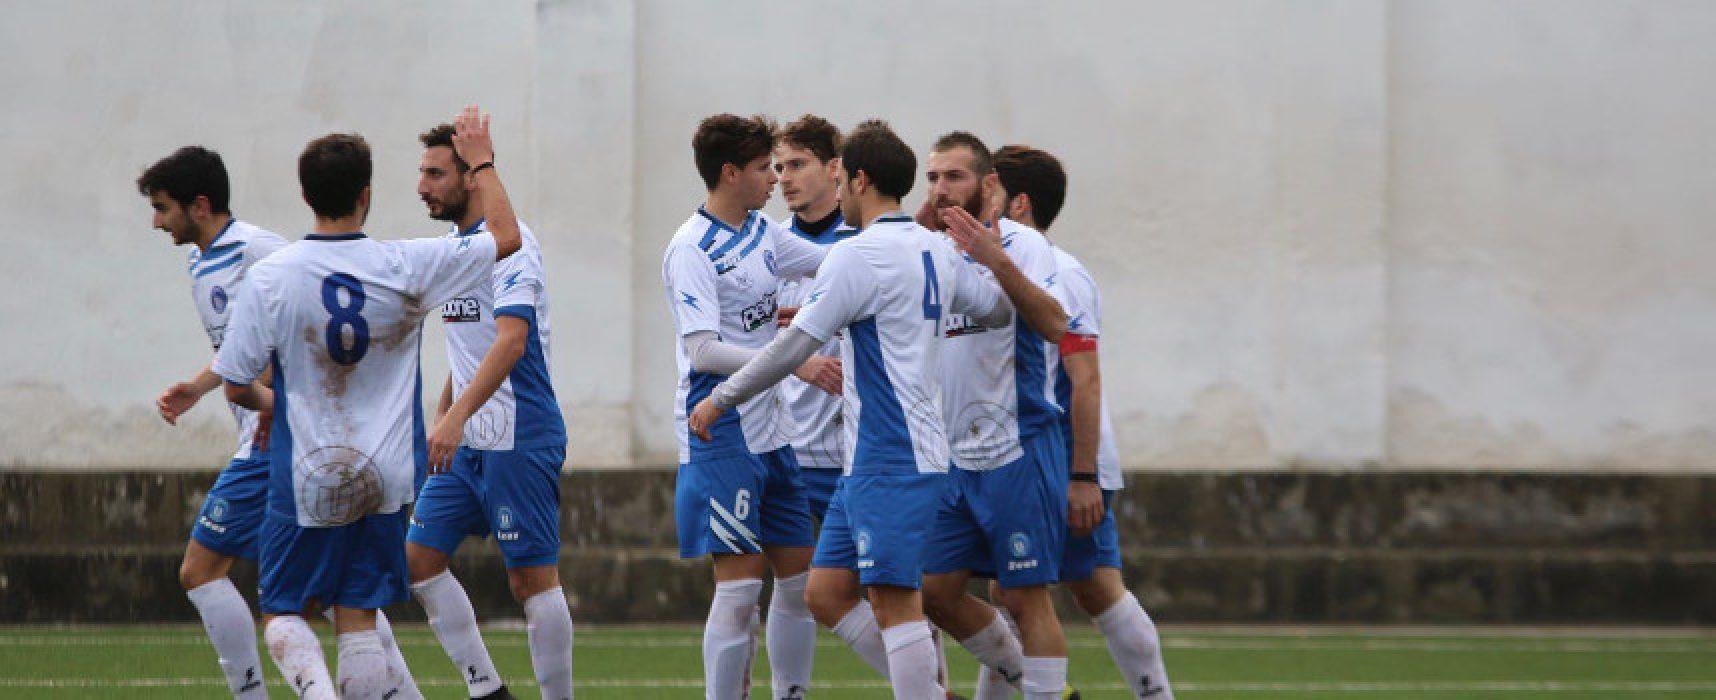 Unione Calcio, pronostici rispettati contro il Galatina